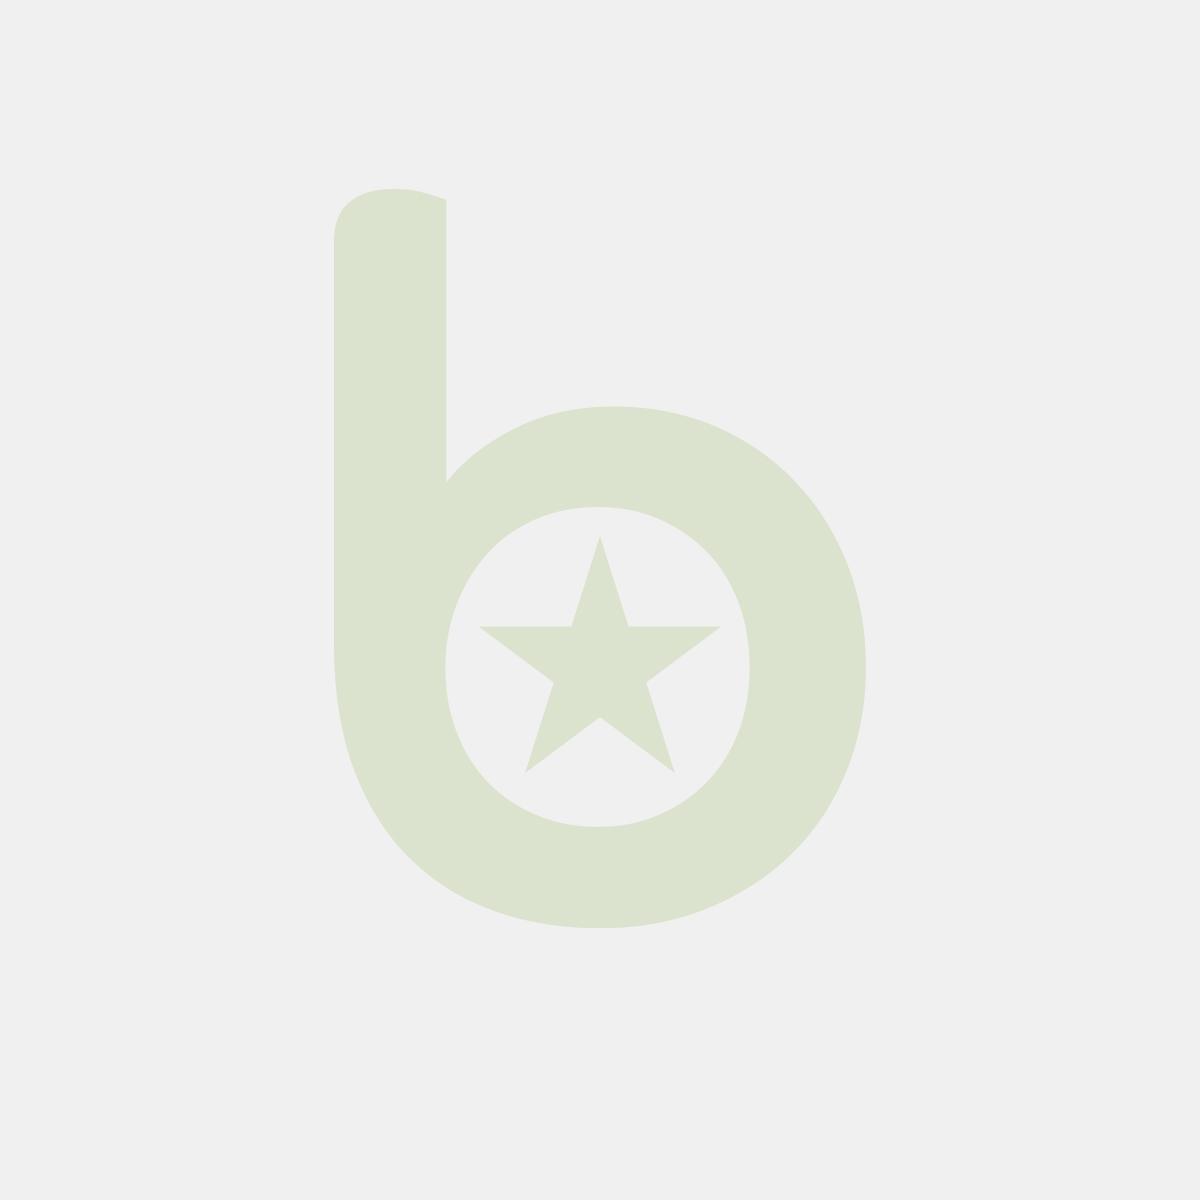 Tacka styropianowa biała nr 70 (183x137x17mm), cena za 1100 sztuk